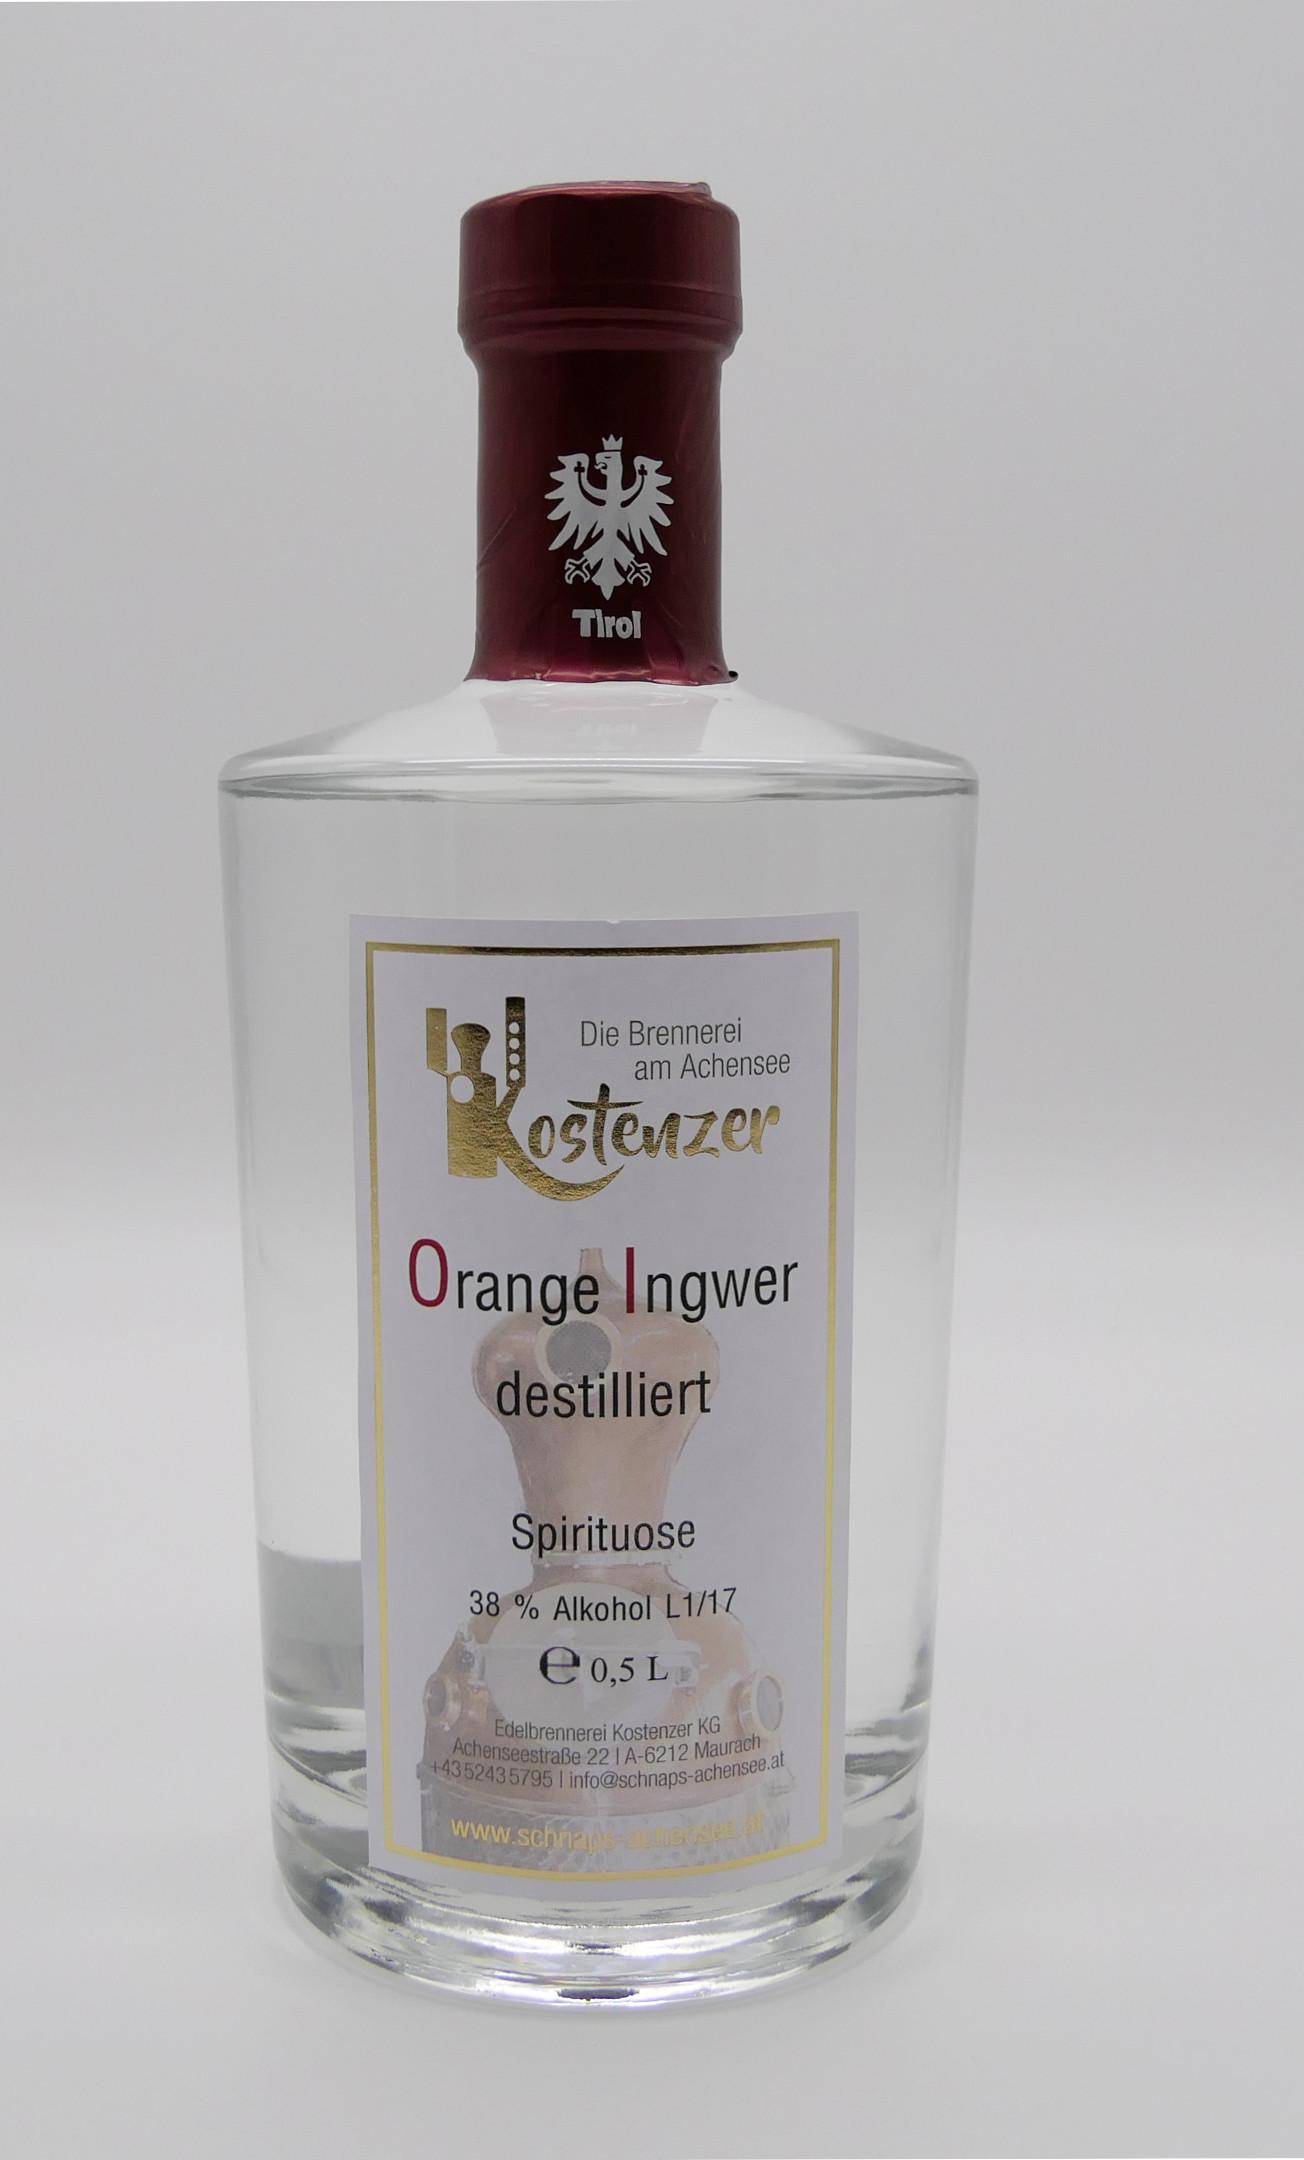 Orange-Ingwer Spirituose